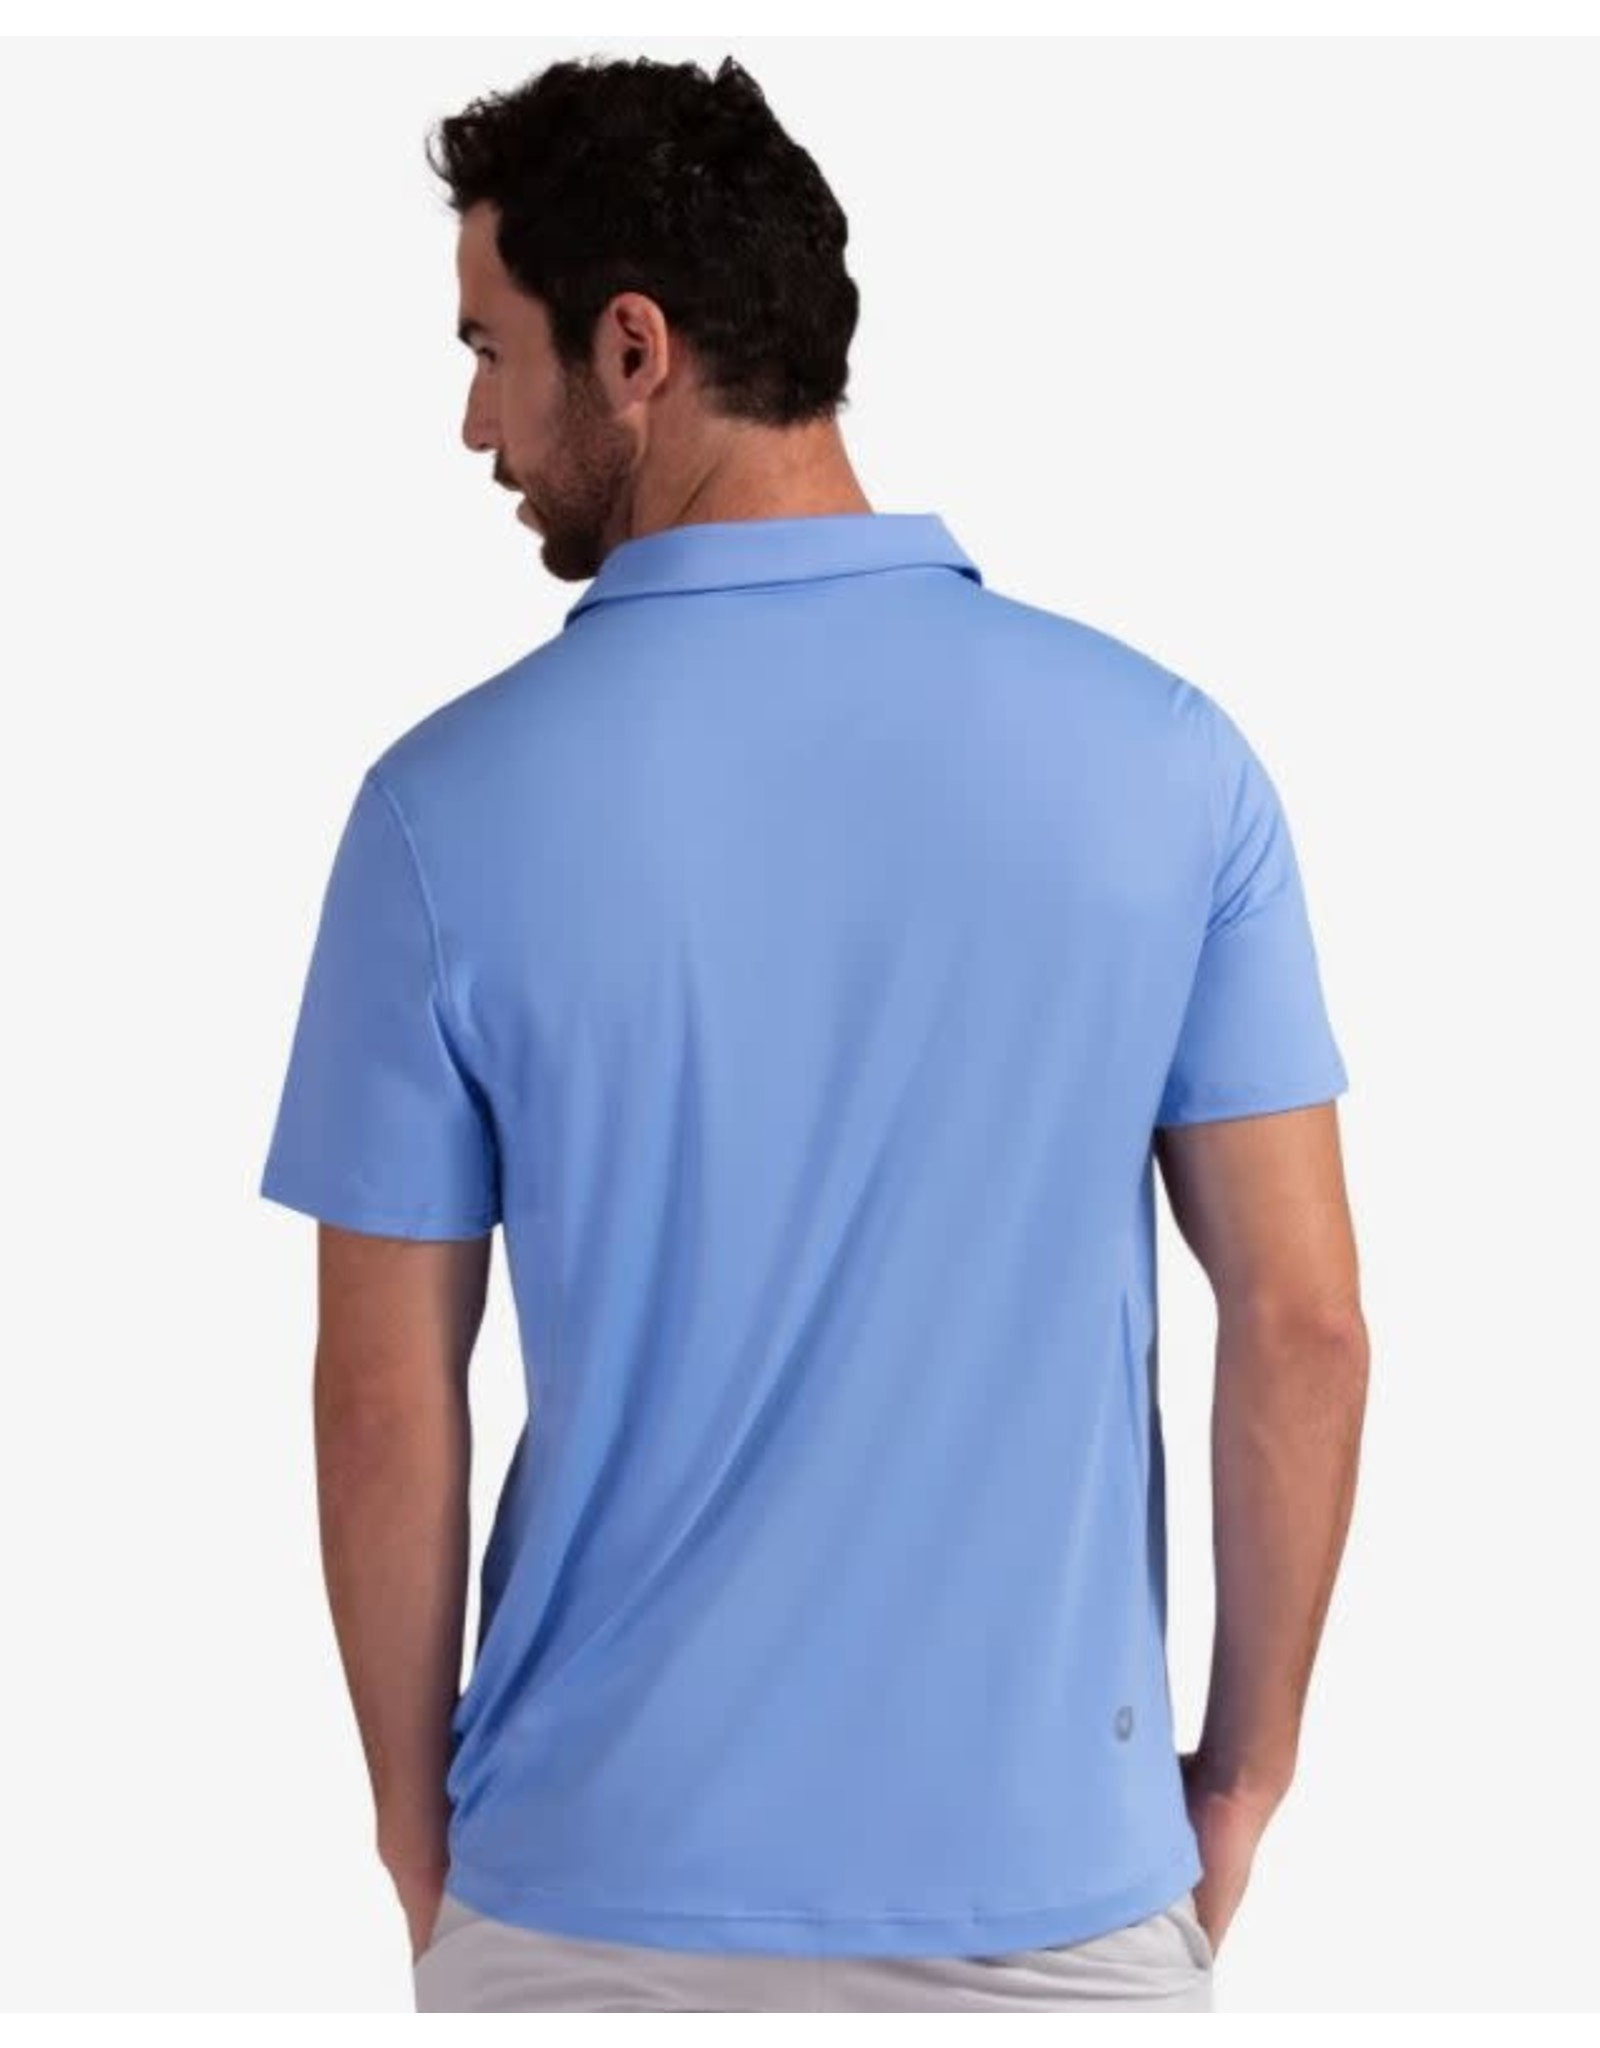 Bloq UV BloqUv Men's Collared Short Sleeve Shirt Indigo